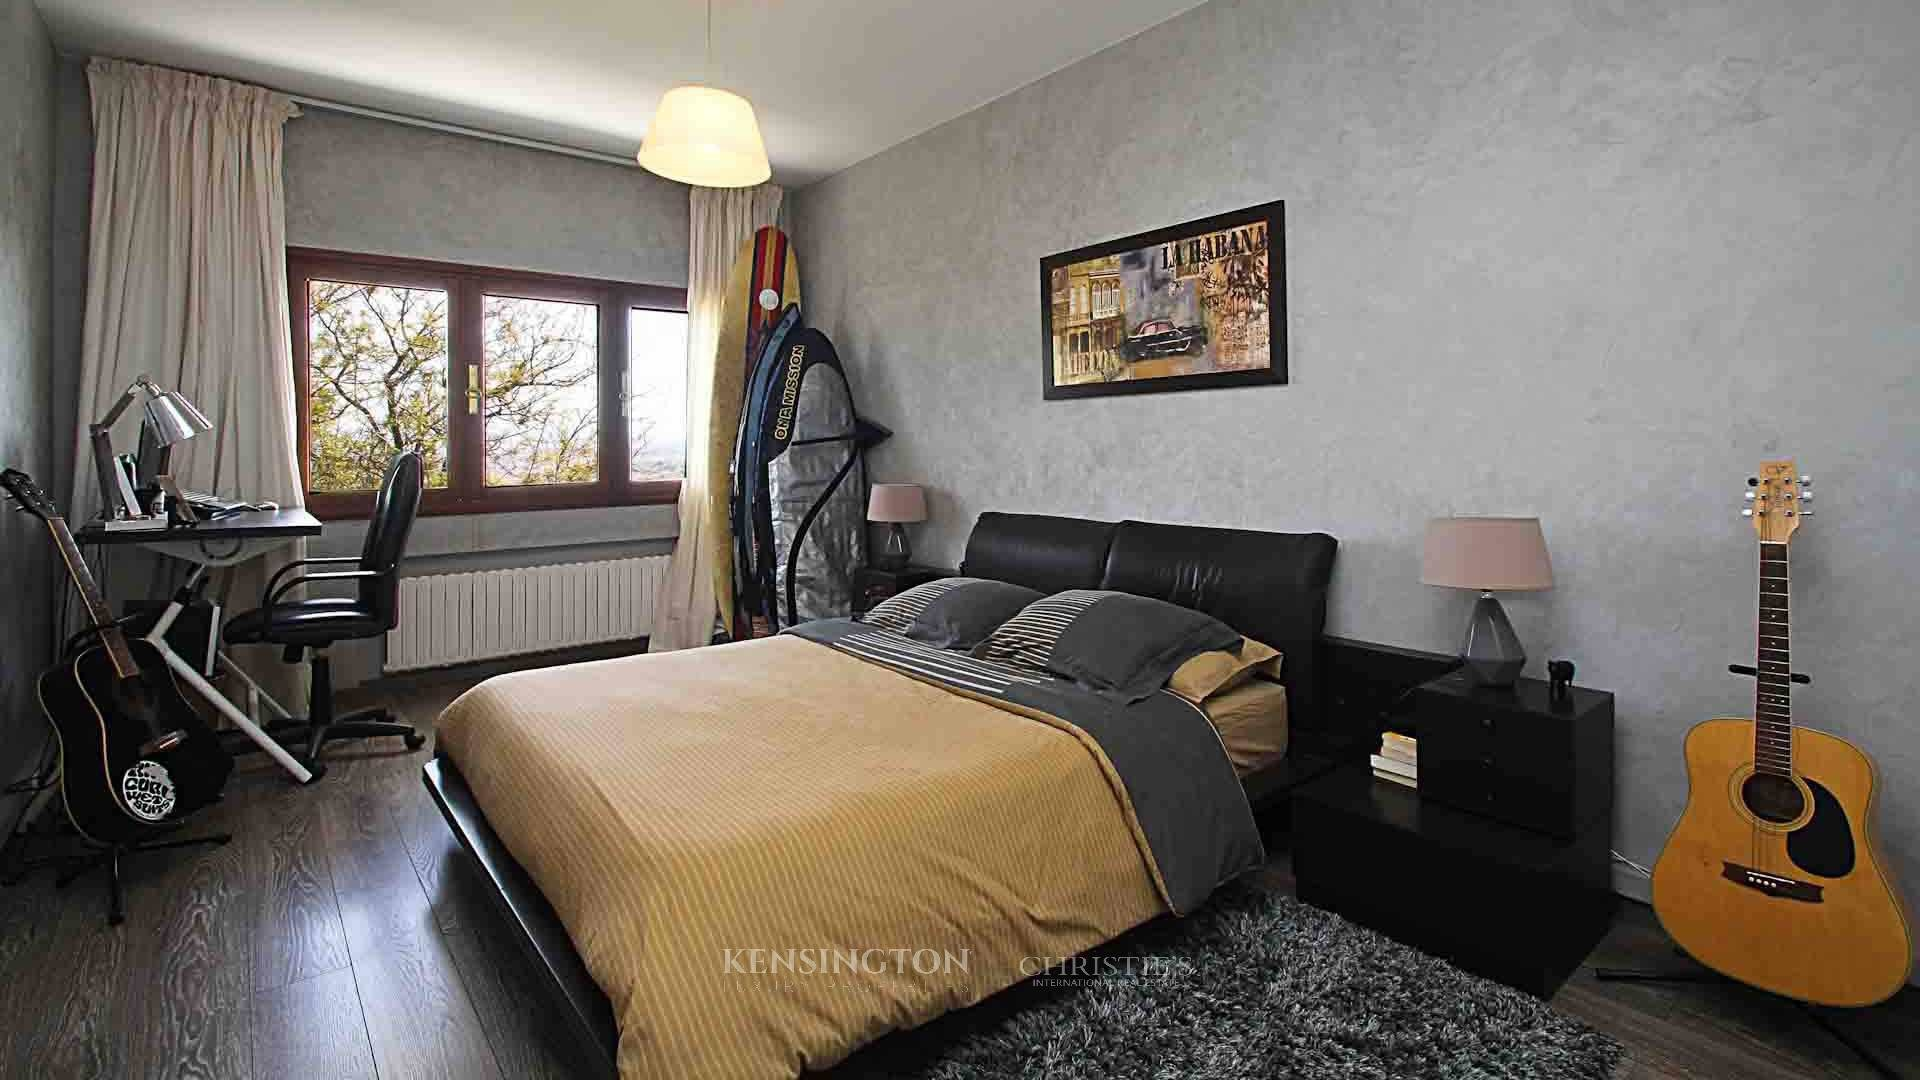 KPPM00982: Villa Roche Luxury Villa Tanger Morocco